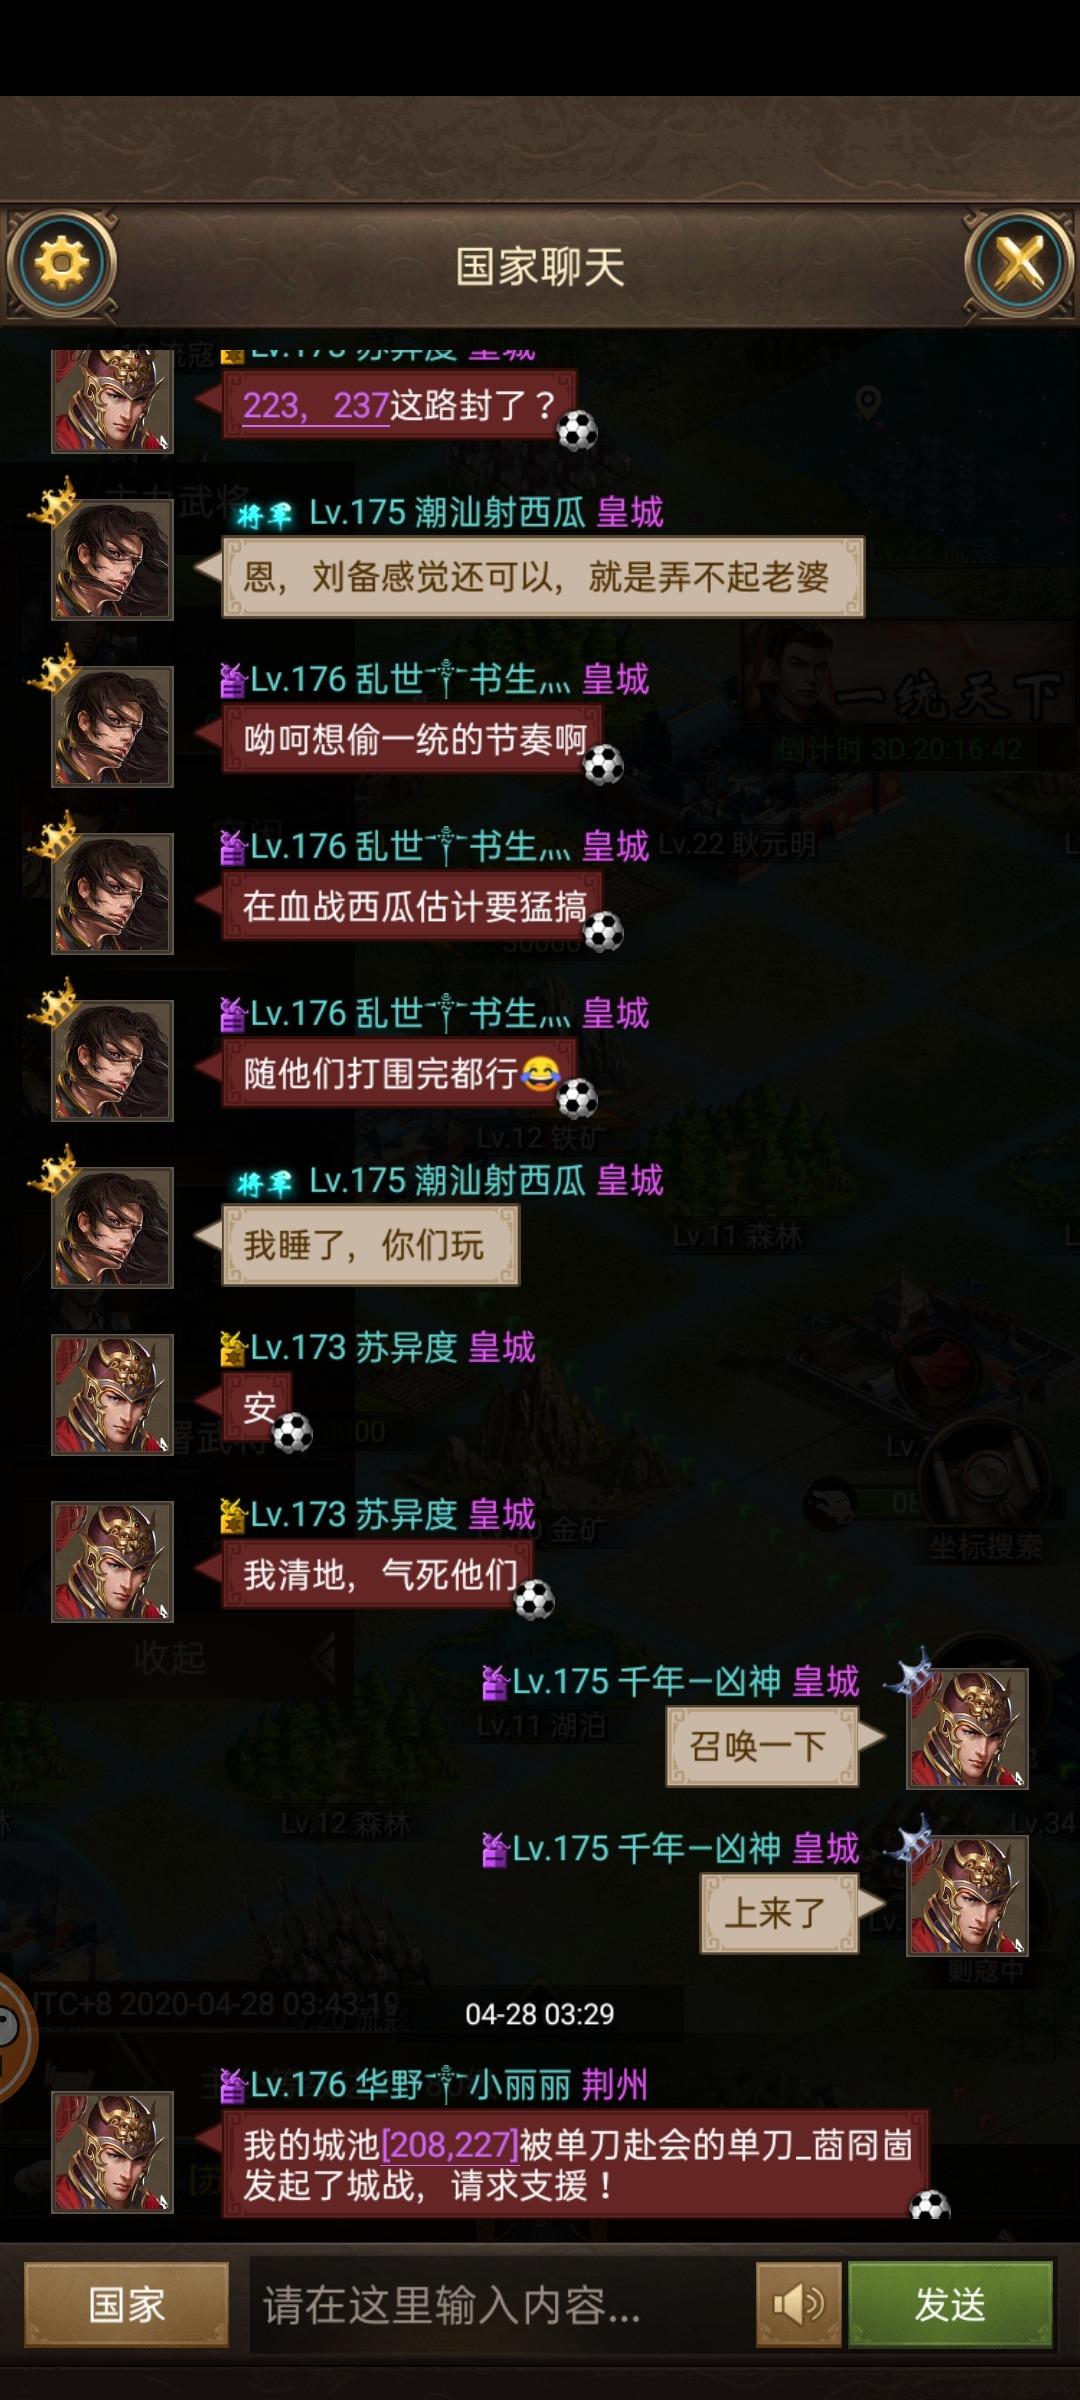 Screenshot_2020-04-28-03-43-18-72_2ca782289a69d98352866d89dbc343a1.jpg